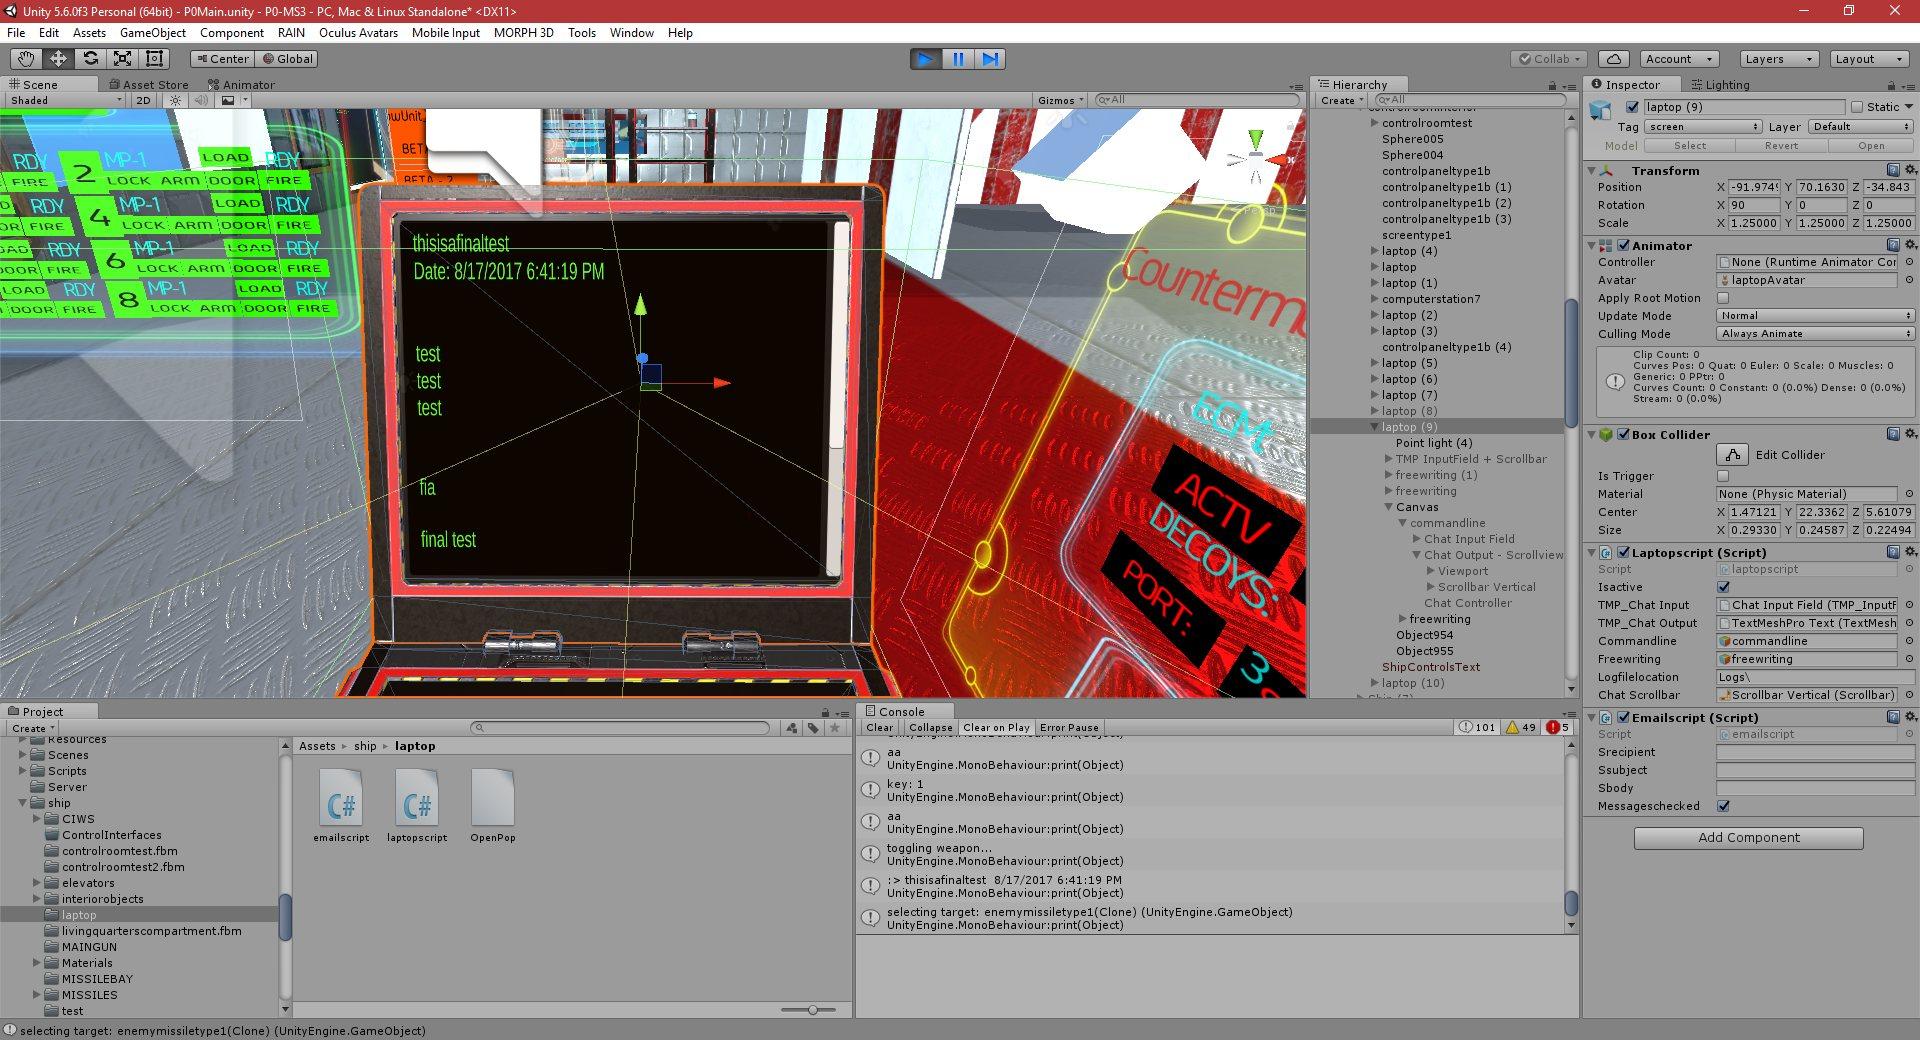 P0-MS3: Part 224: Art, GUI's, Control Interfaces - PGD Home